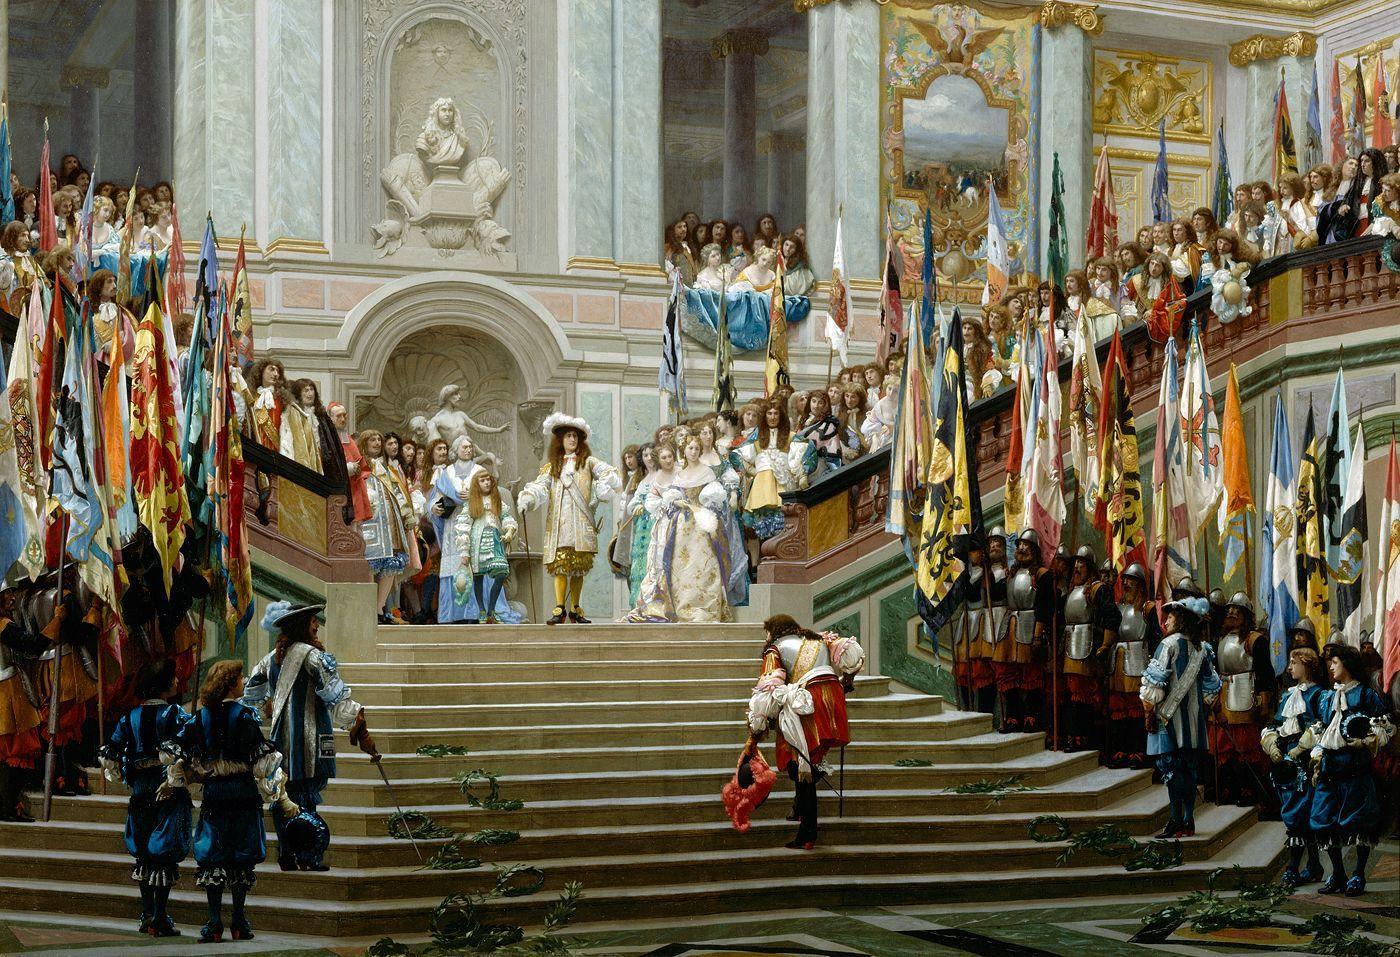 Cet article a initialement été publié sur le site de Liberté Politique. Il y a exactement trois cent ans, le 1er septembre 1715, Louis XIV rendait l'esprit « sans aucun effort, comme une chandelle qui s'éteint ». Mais la lumière …